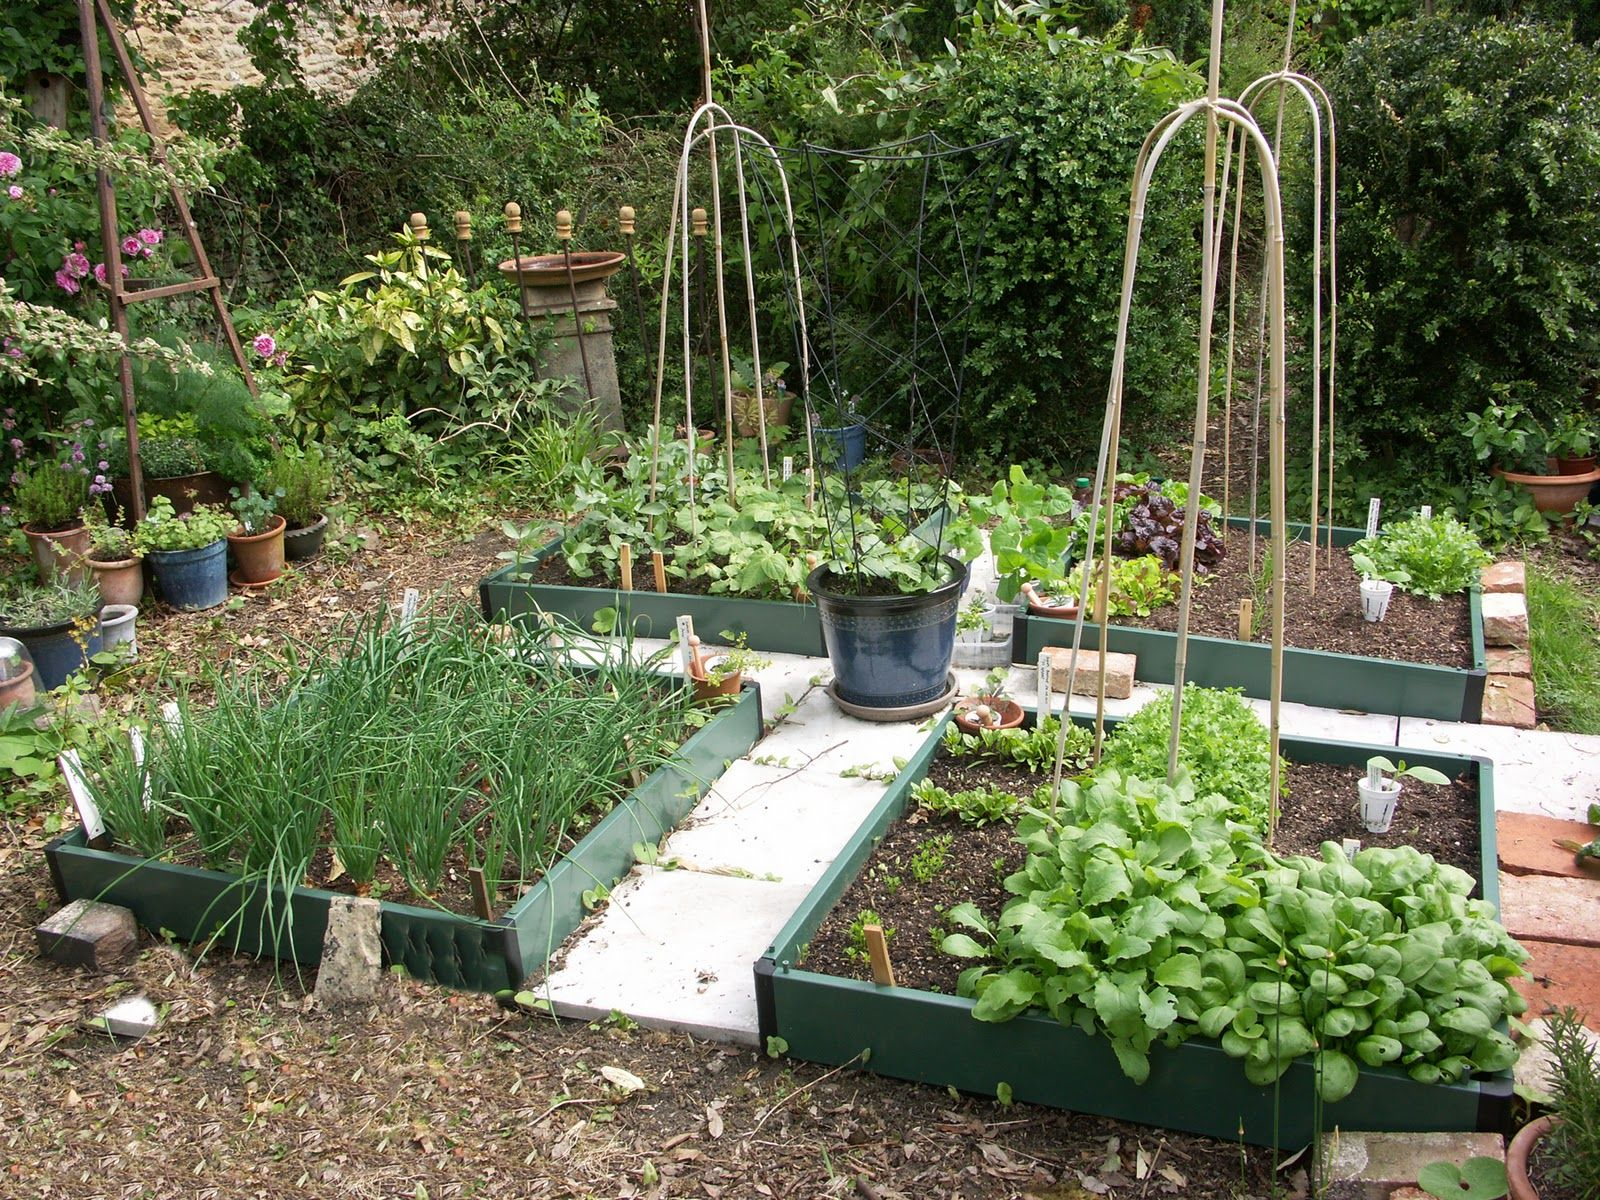 small potager garden design - Google Search | Gardens | Pinterest ...